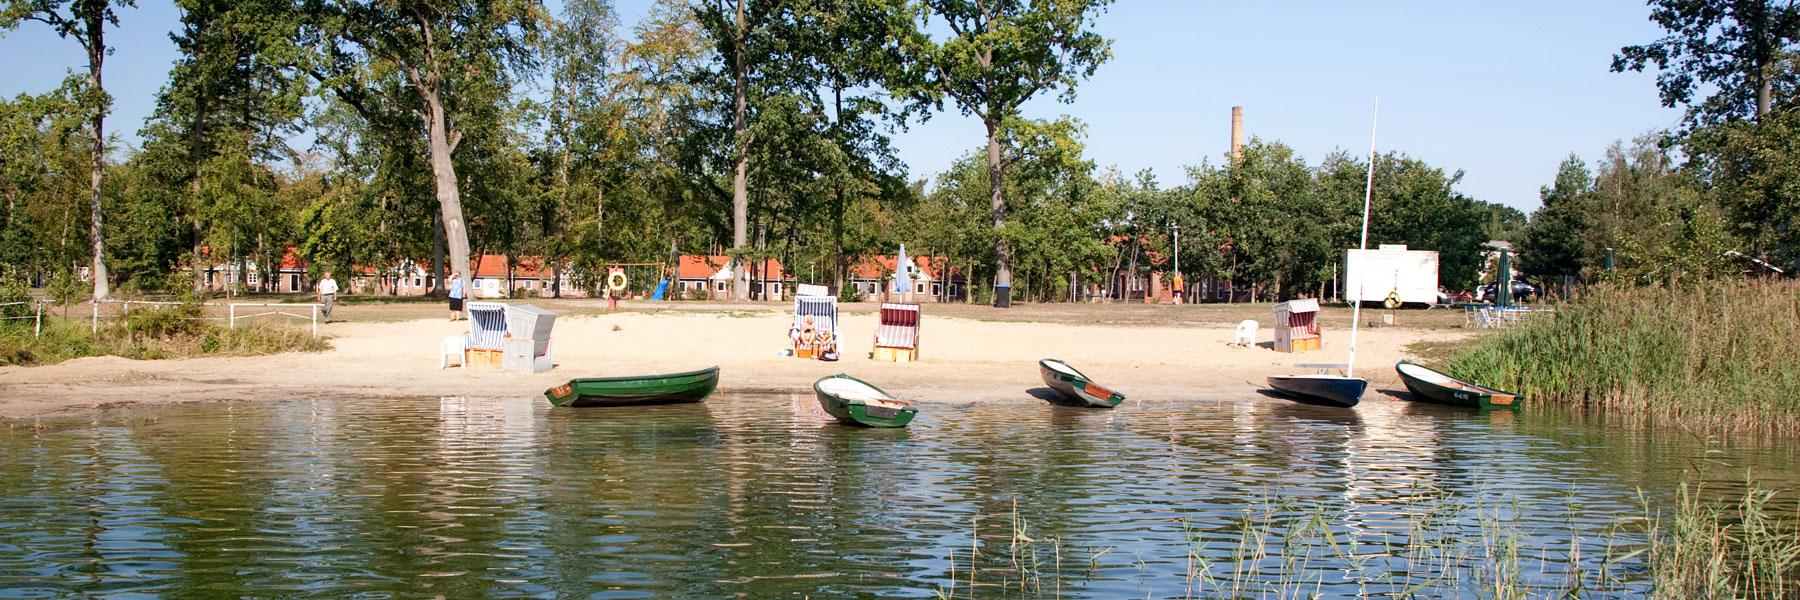 Strand - Ferienhausvermietung Buchholz